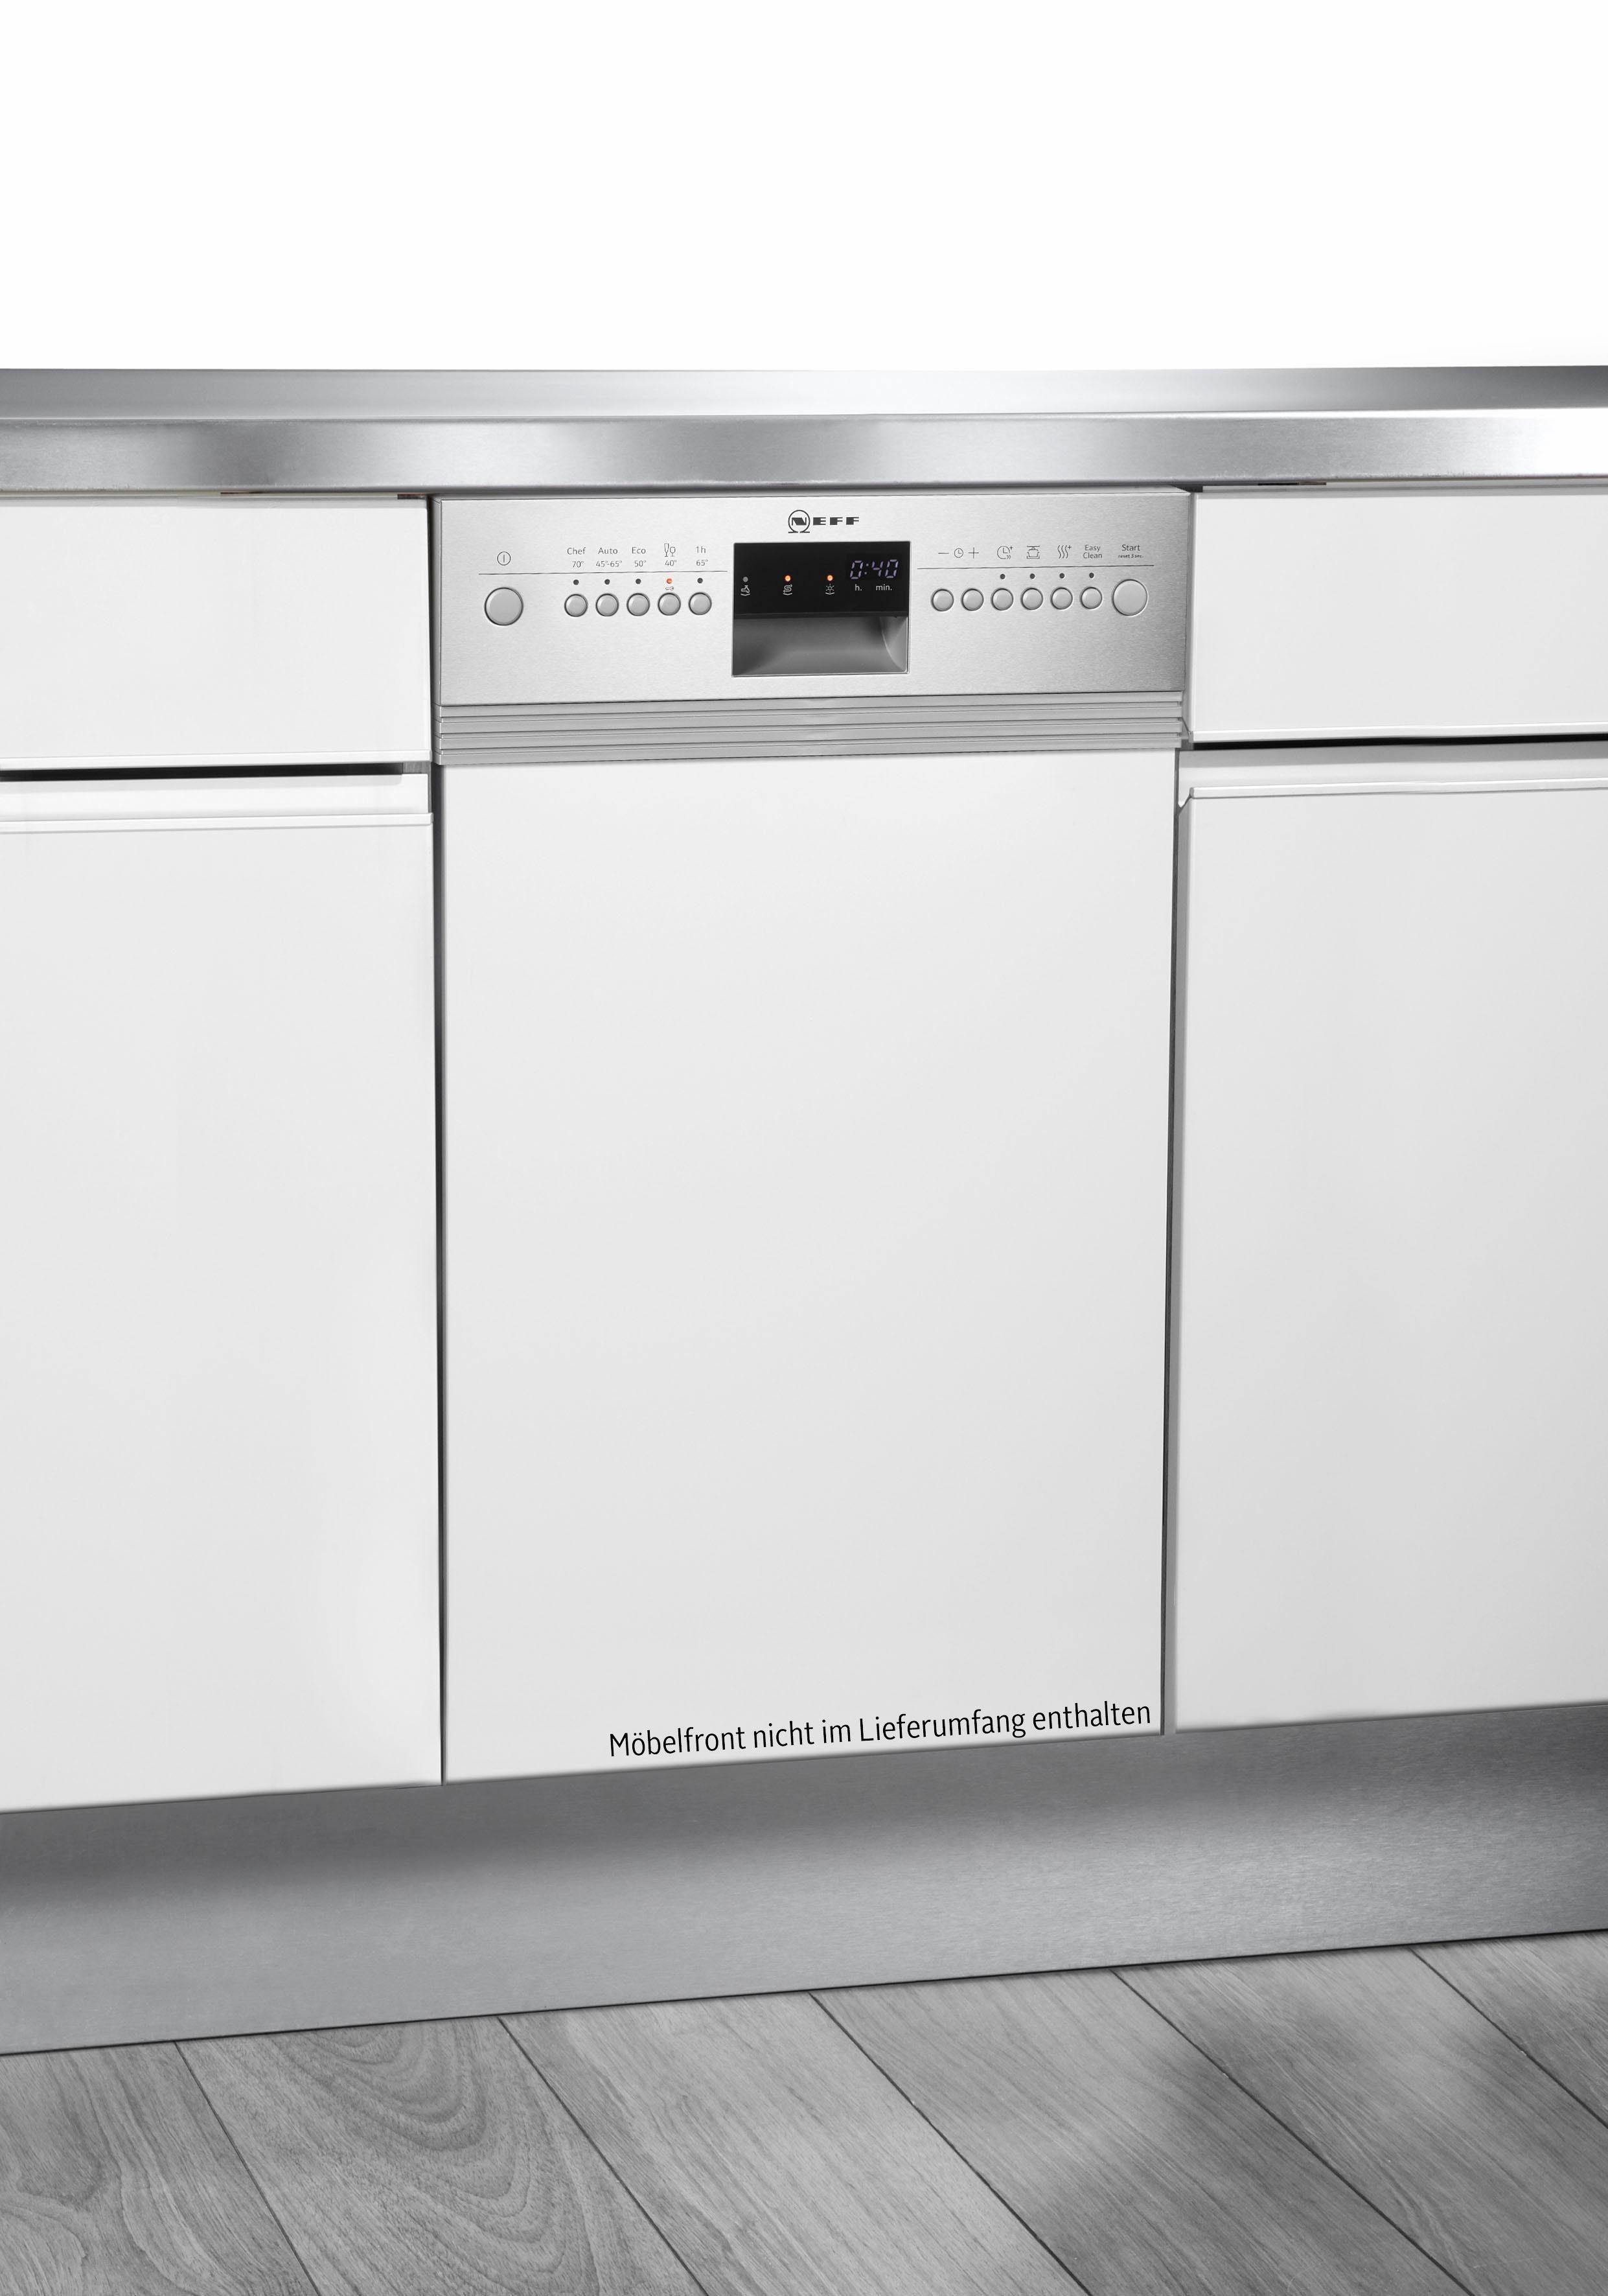 NEFF teilintegrierbarer Geschirrspüler, S483C50S2E, 0,85 l, 9 Maßgedecke, 45 cm breit